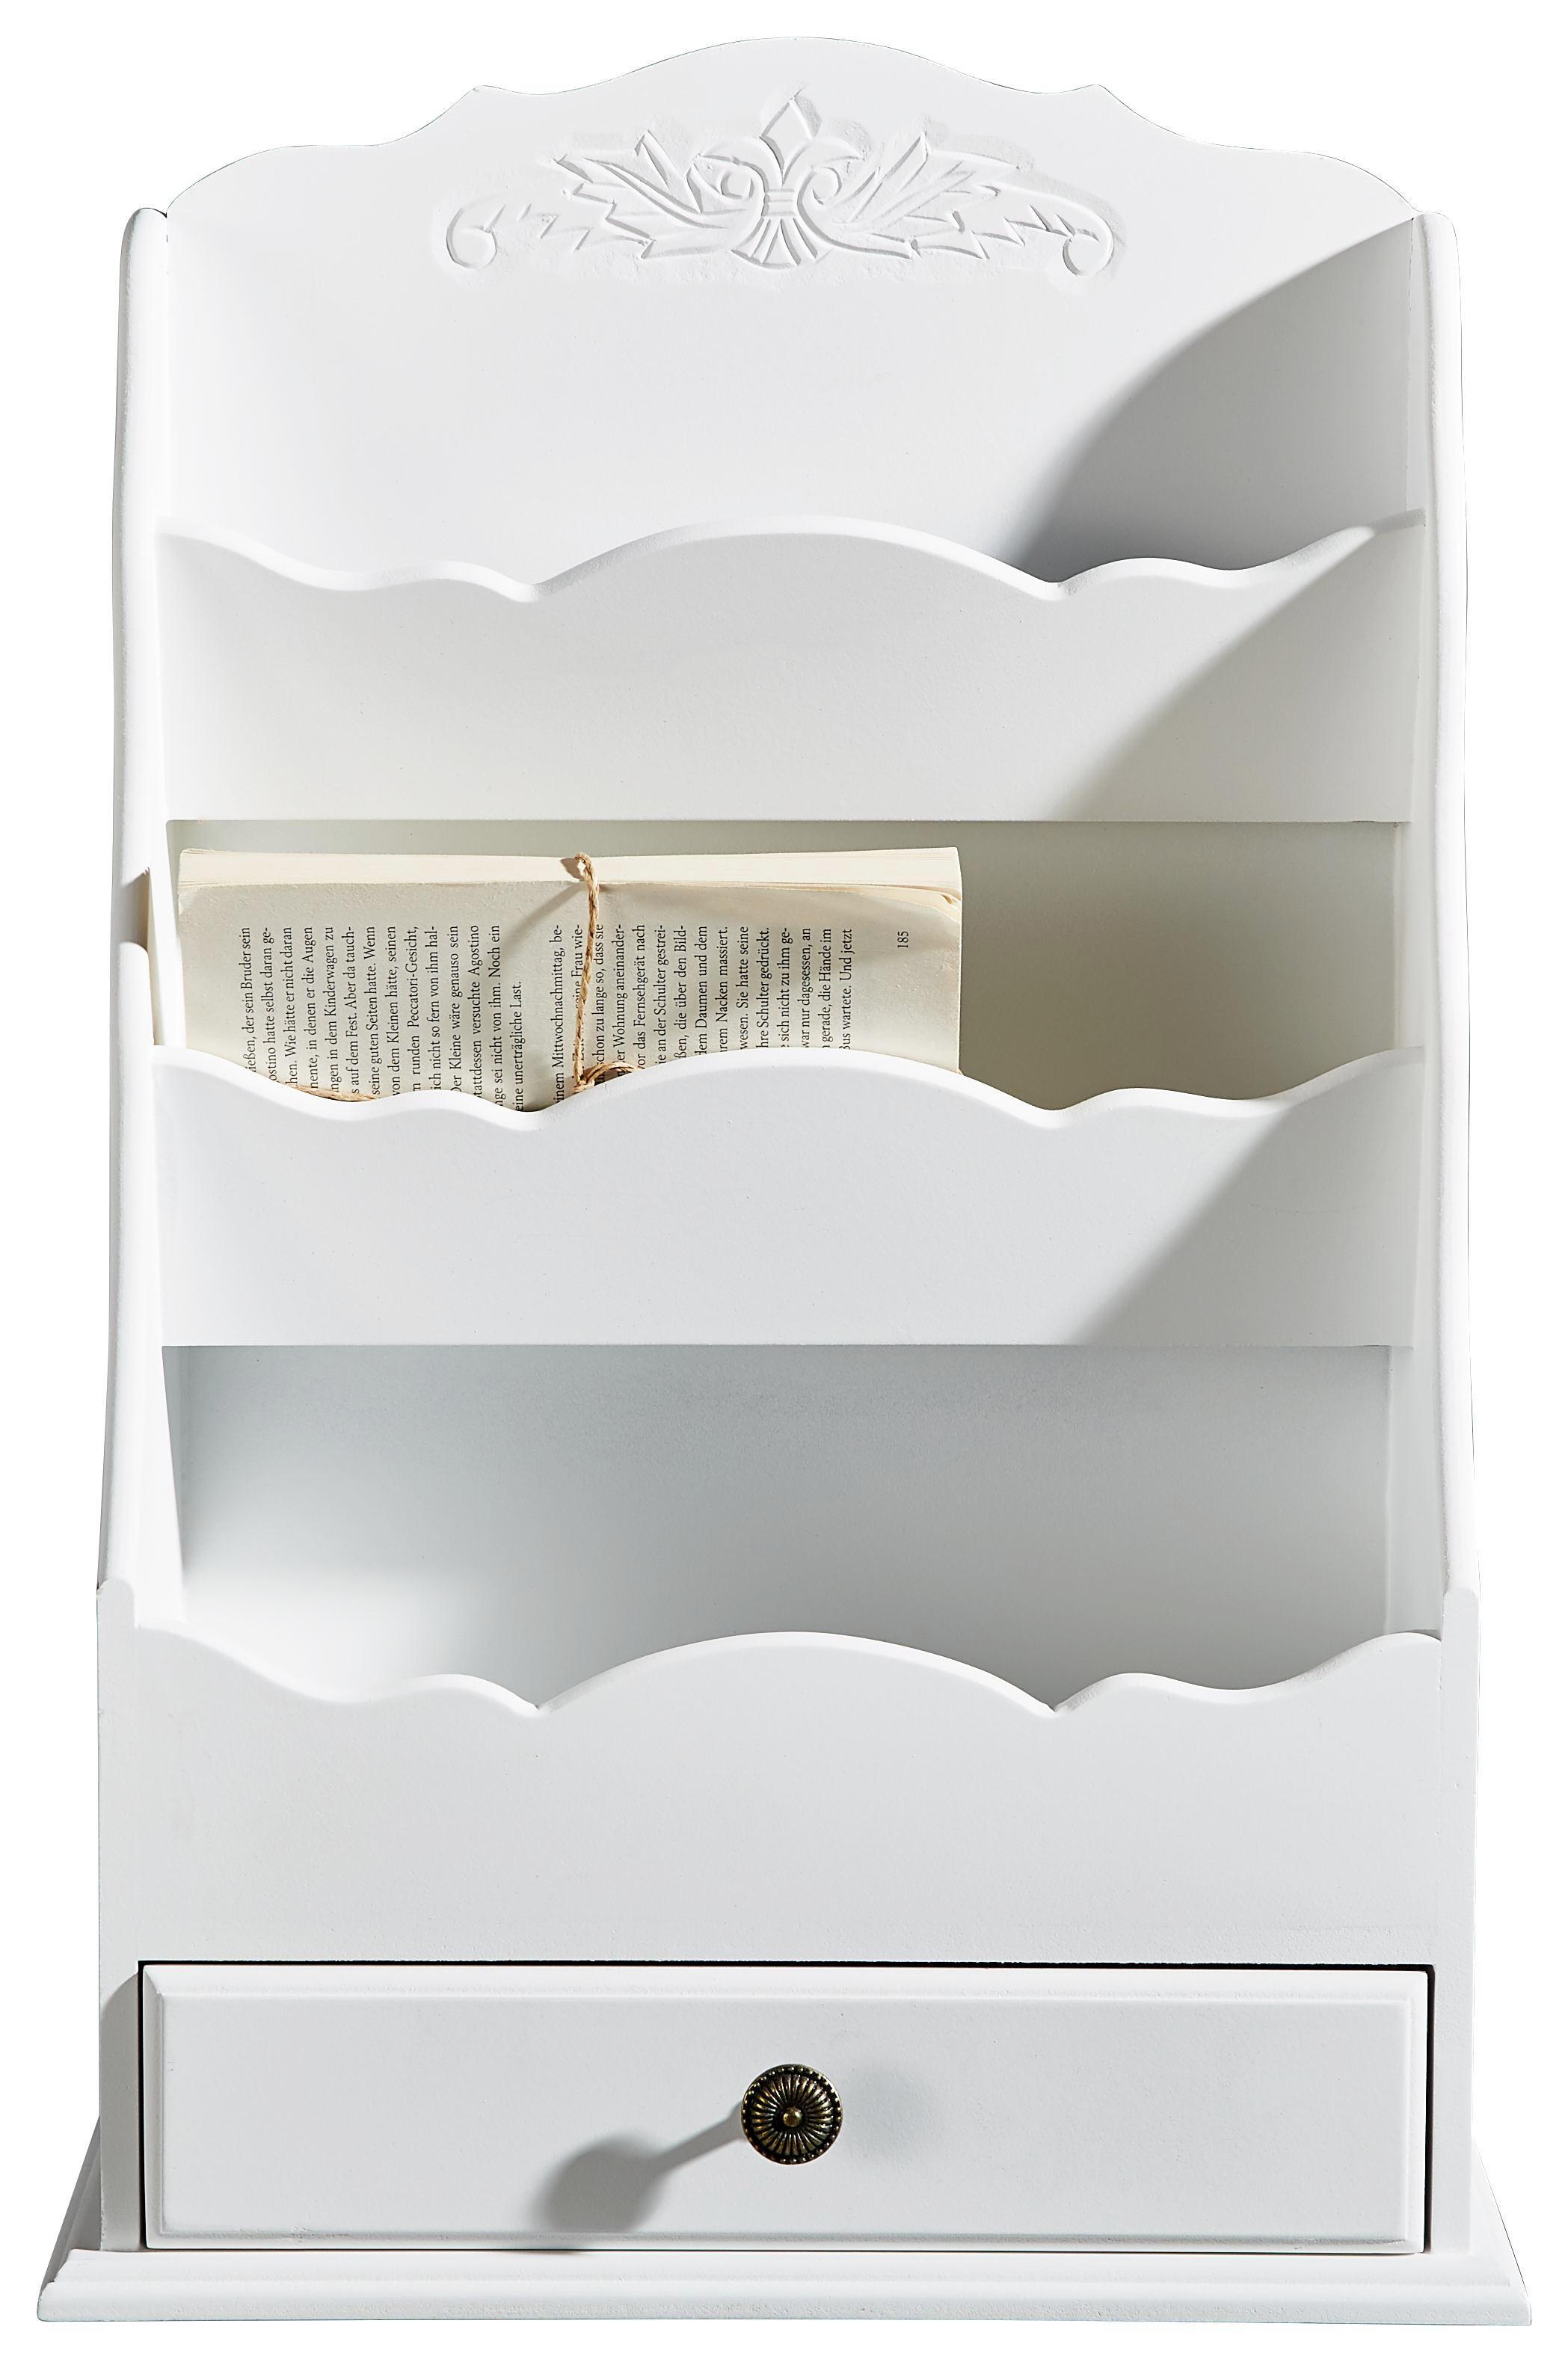 Groß Stil Der 1950er Jahre Küchengeräte Ideen - Ideen Für Die Küche ...